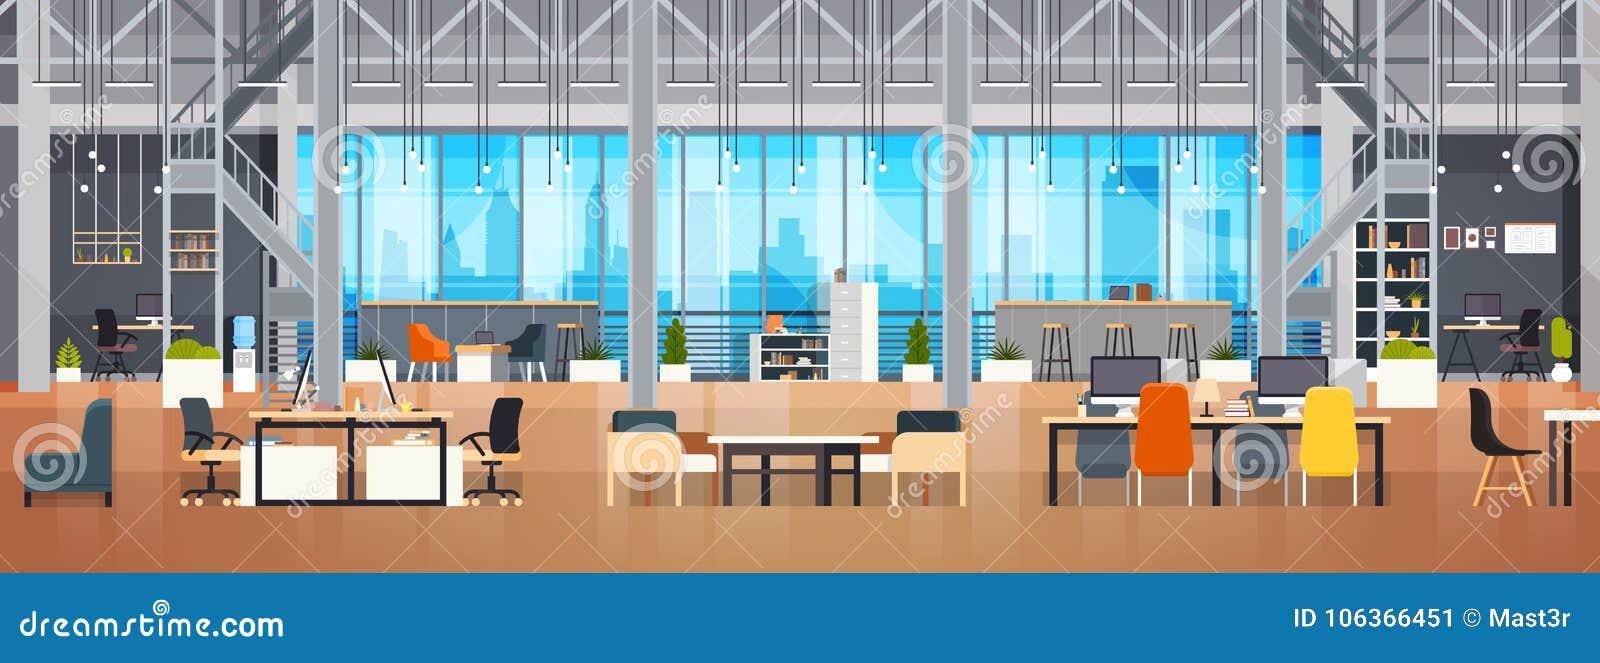 Pustej Coworking przestrzeni Coworking miejsca pracy Wewnętrznej Nowożytnej Biurowej Kreatywnie przestrzeni Horyzontalny sztandar